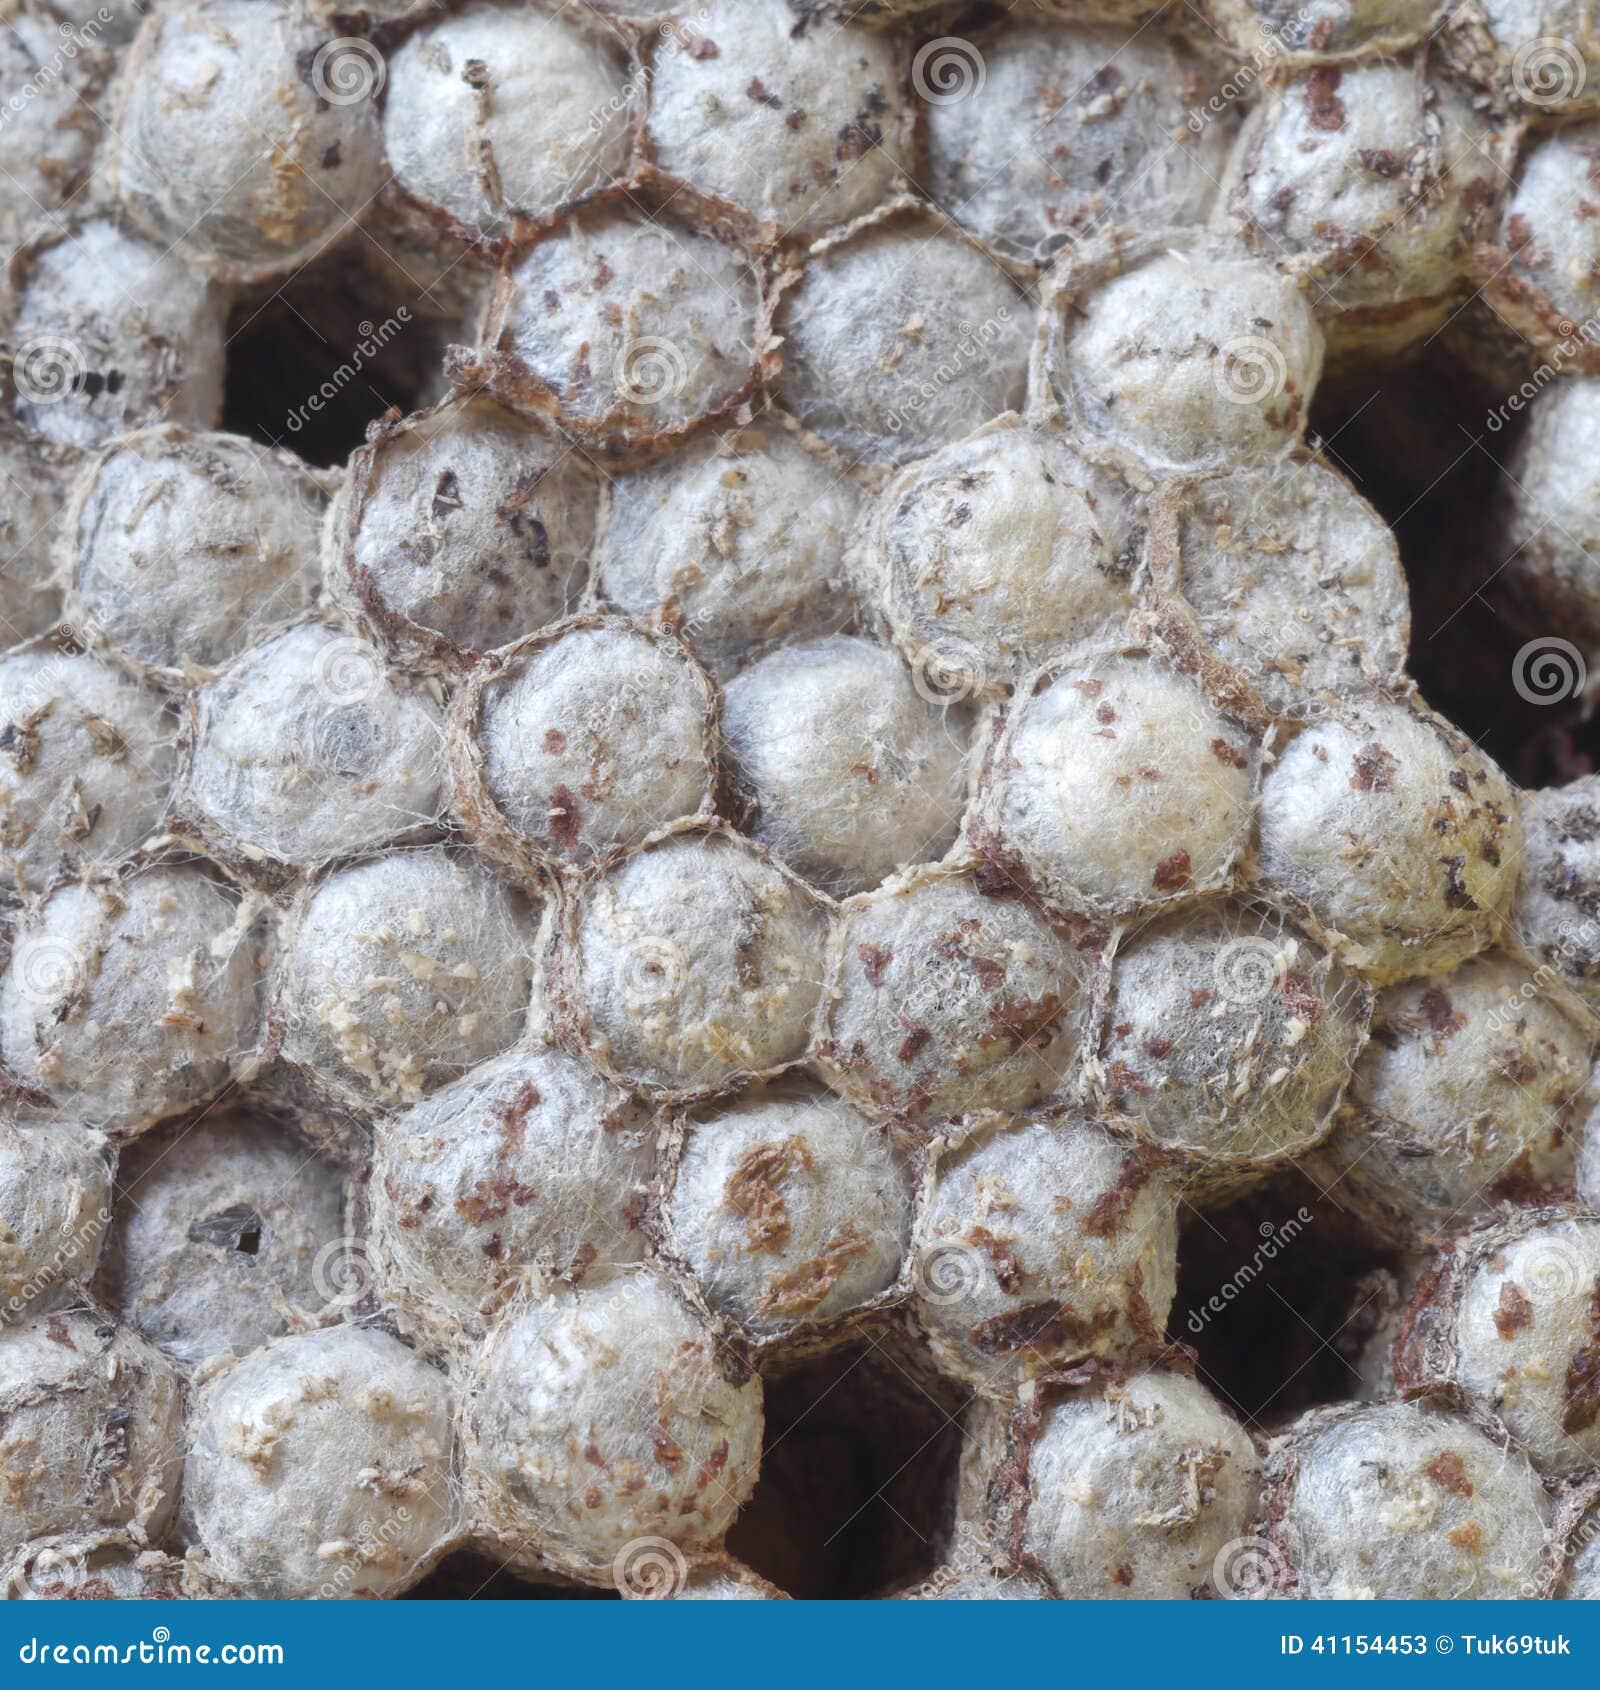 Wasps nest stock image  Image of kids, larvae, house - 41154453